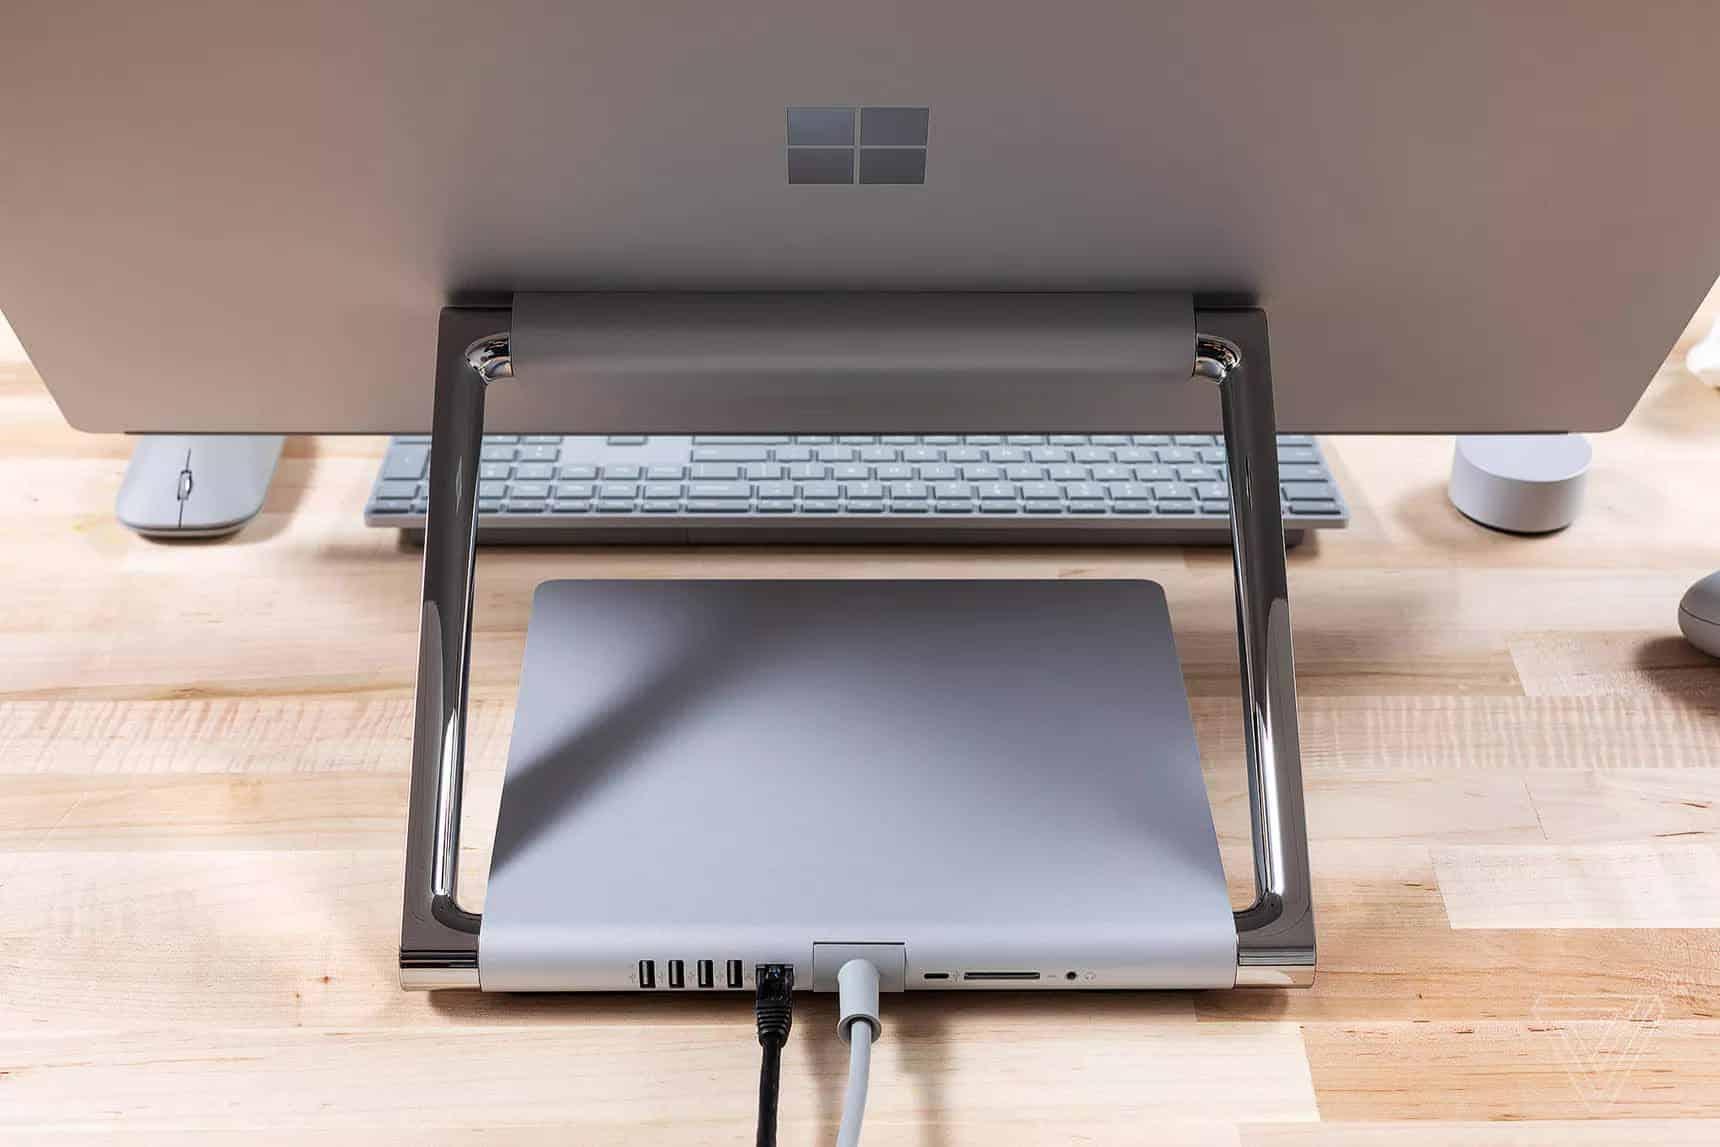 laptopvang-surface-sutudio-2-port